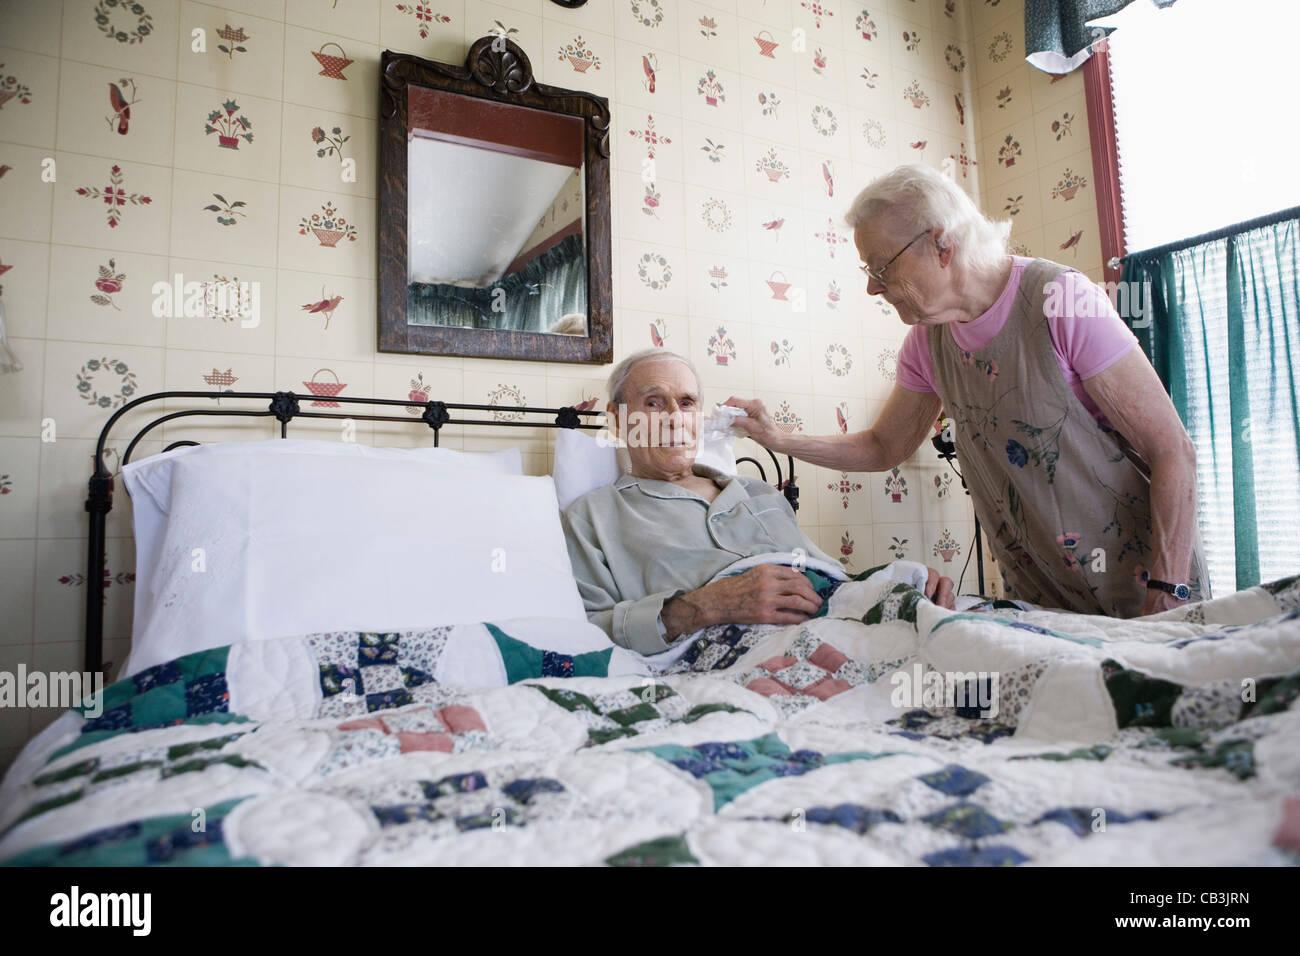 Senior woman affectionately tending to bedridden senior man - Stock Image